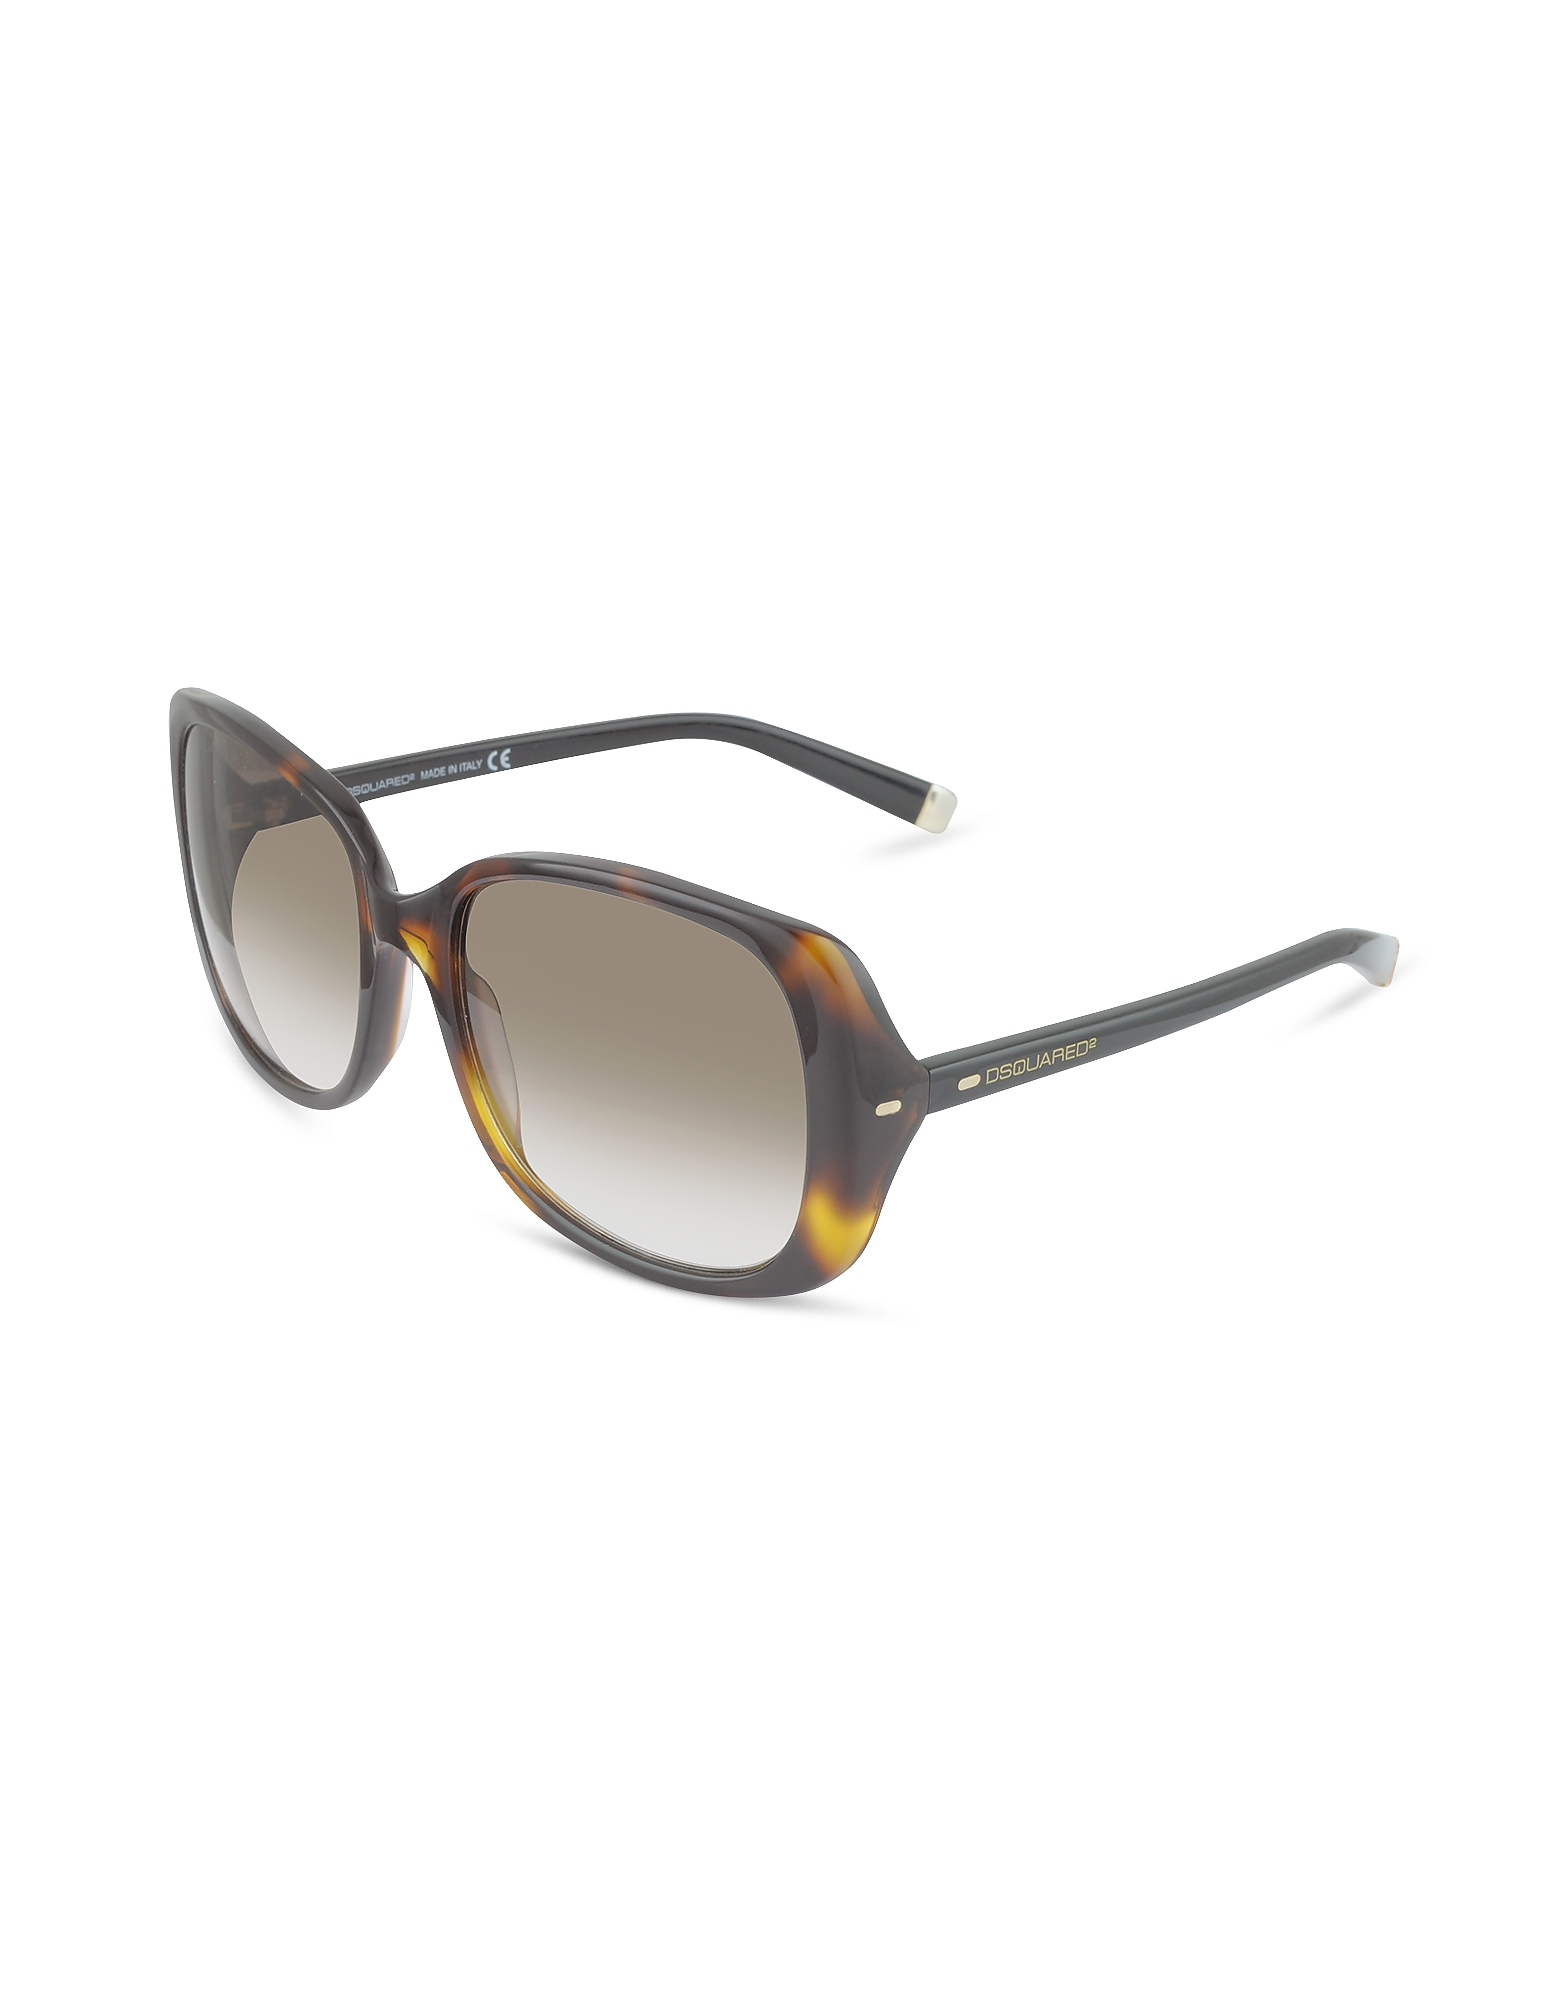 DSquared2 Designer Sunglasses, Signature Acetate Square Frame Sunglasses